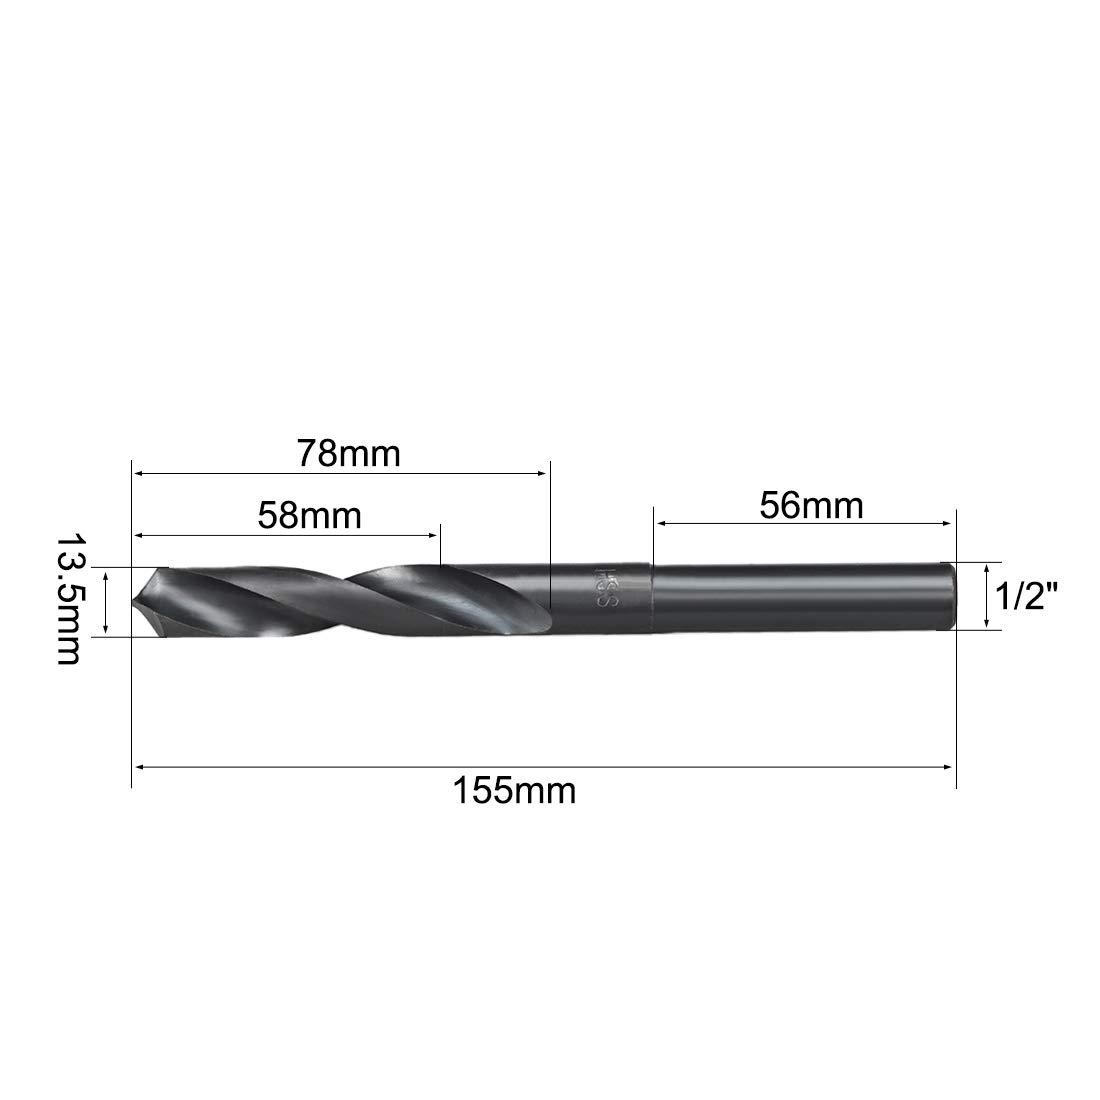 uxcell 1//2 Straight Shank 23.5mm Drill Bit HSS 6542